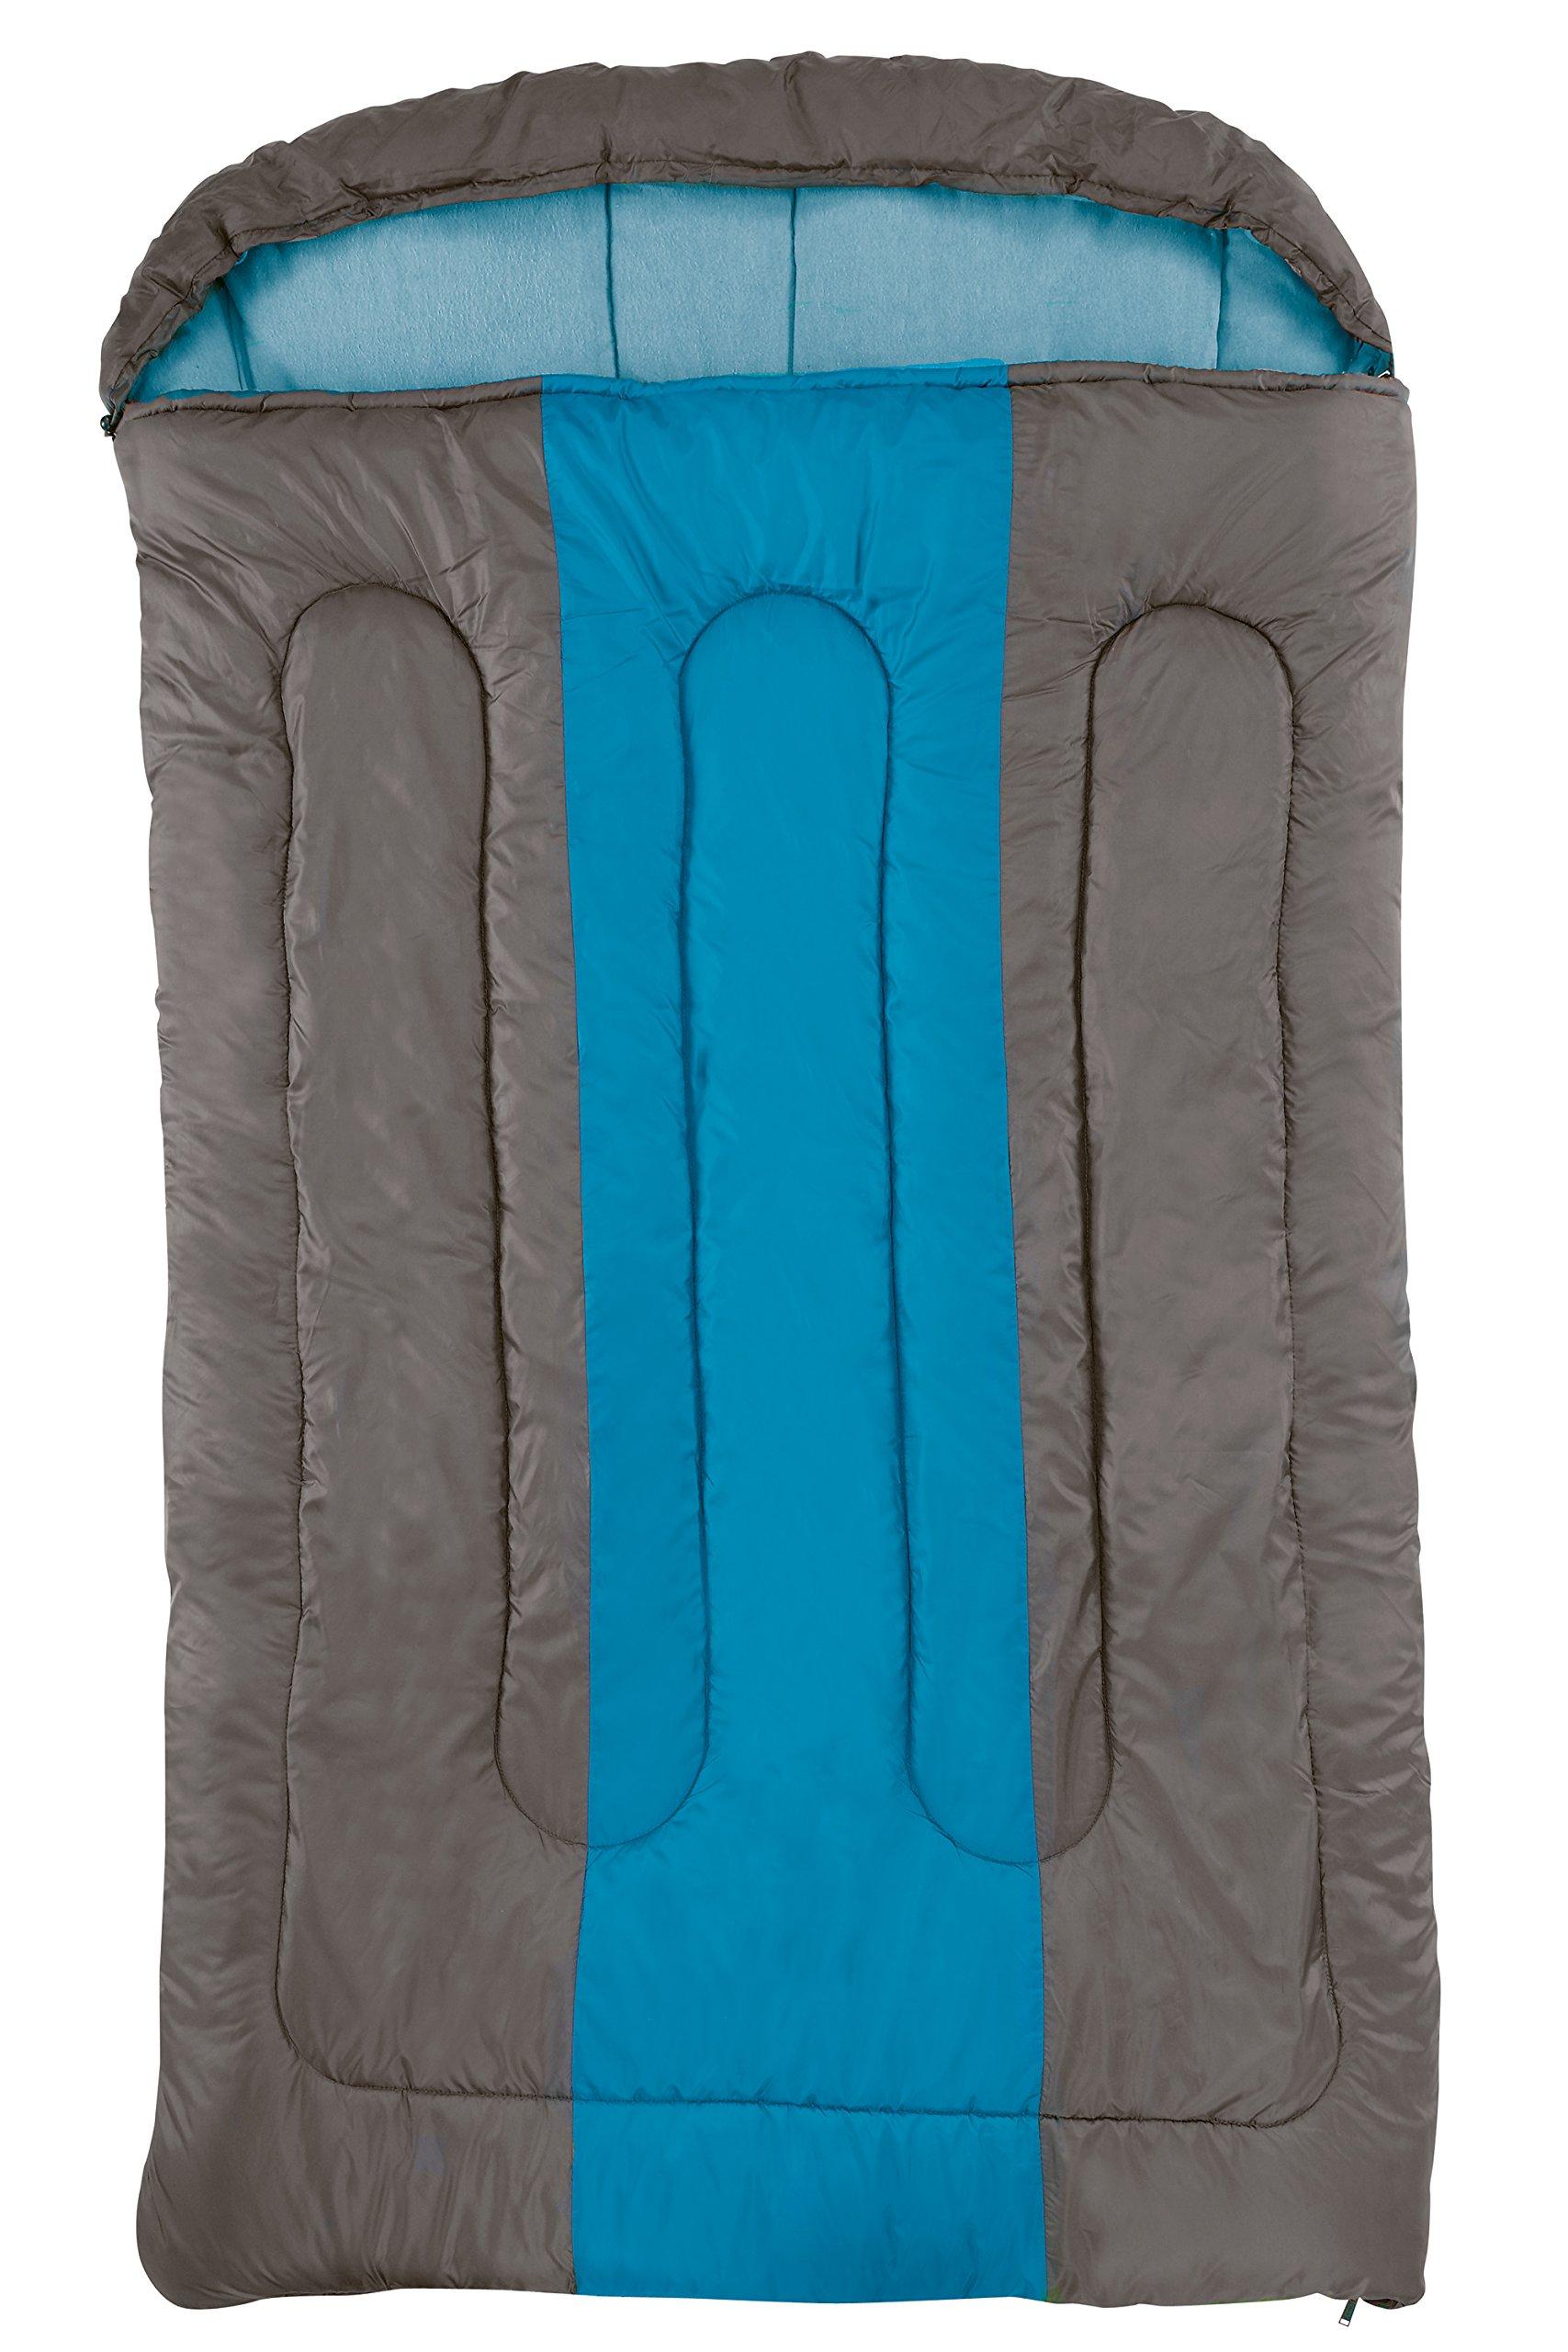 Unbekannt Hudson Coleman - Saco de Dormir Doble, Color marrón y Azul product image